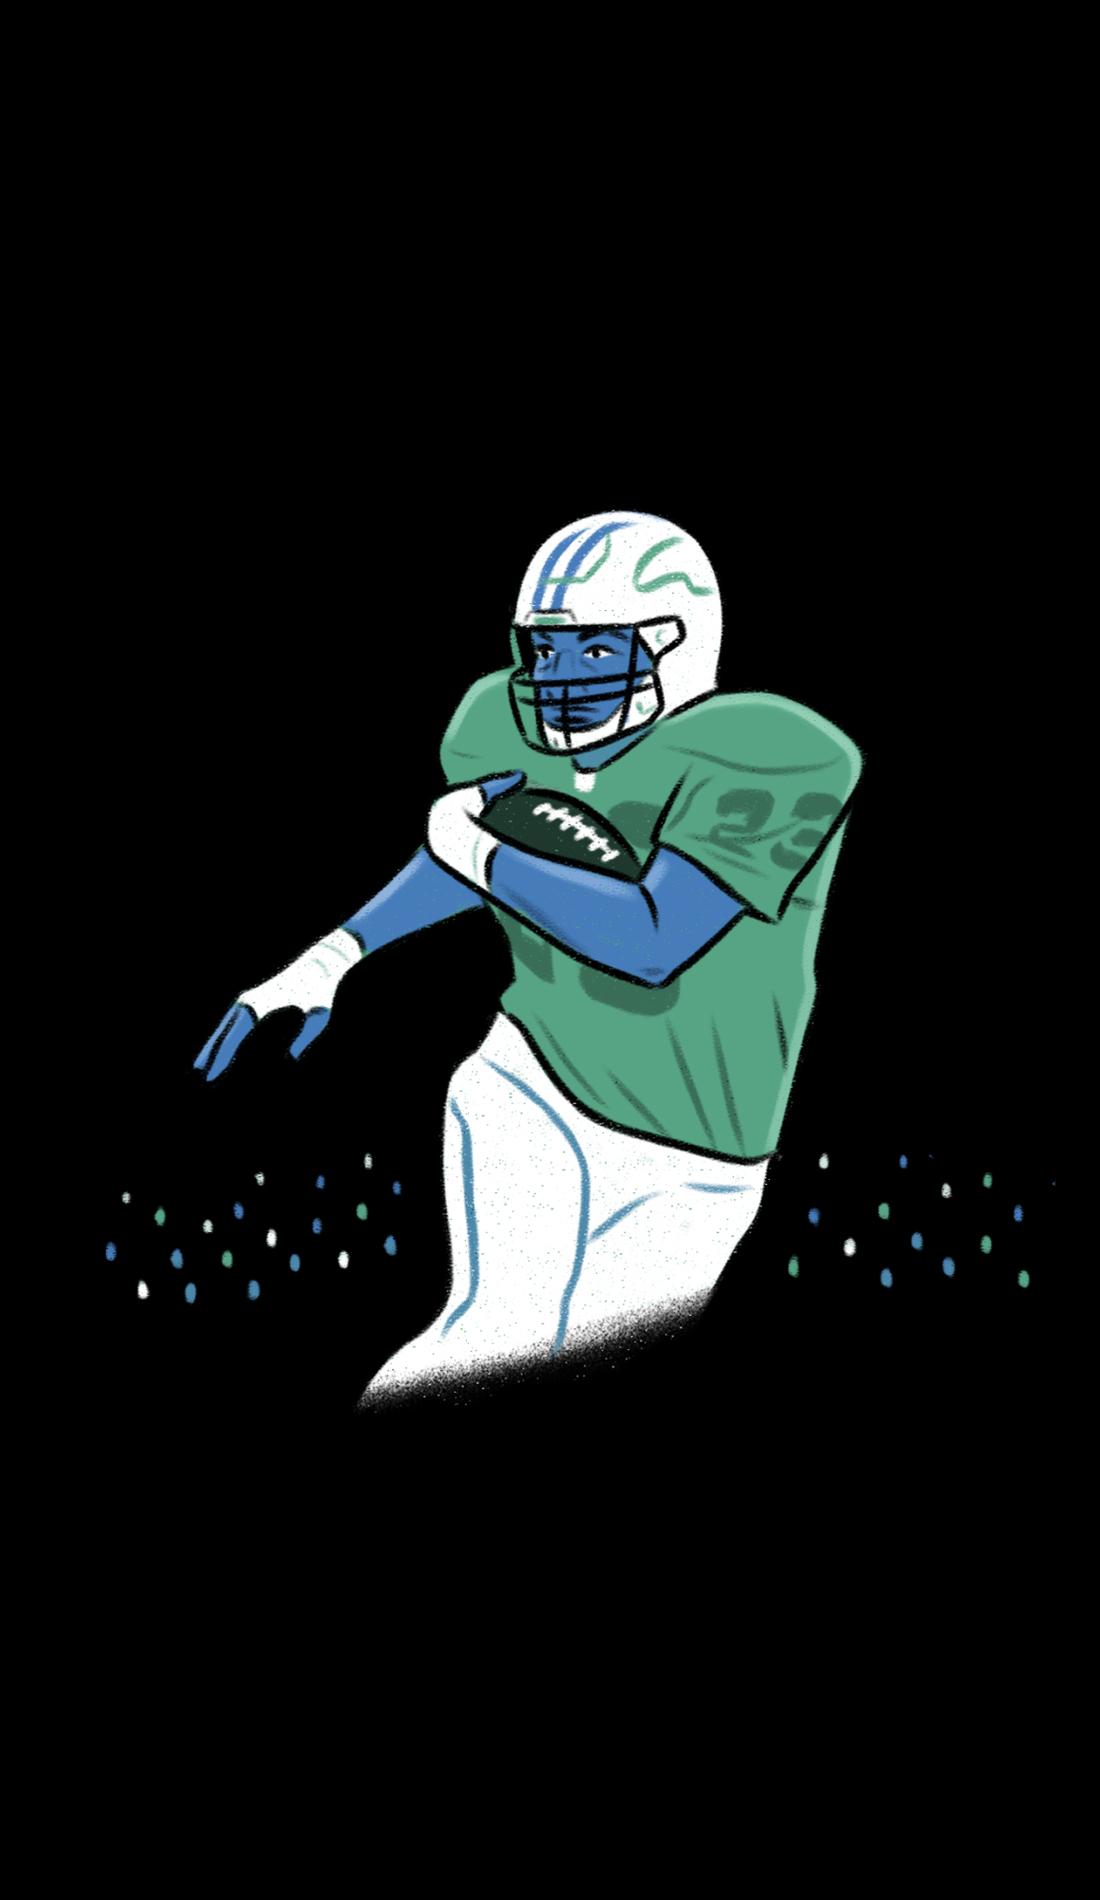 A Sacramento State Hornets Football live event